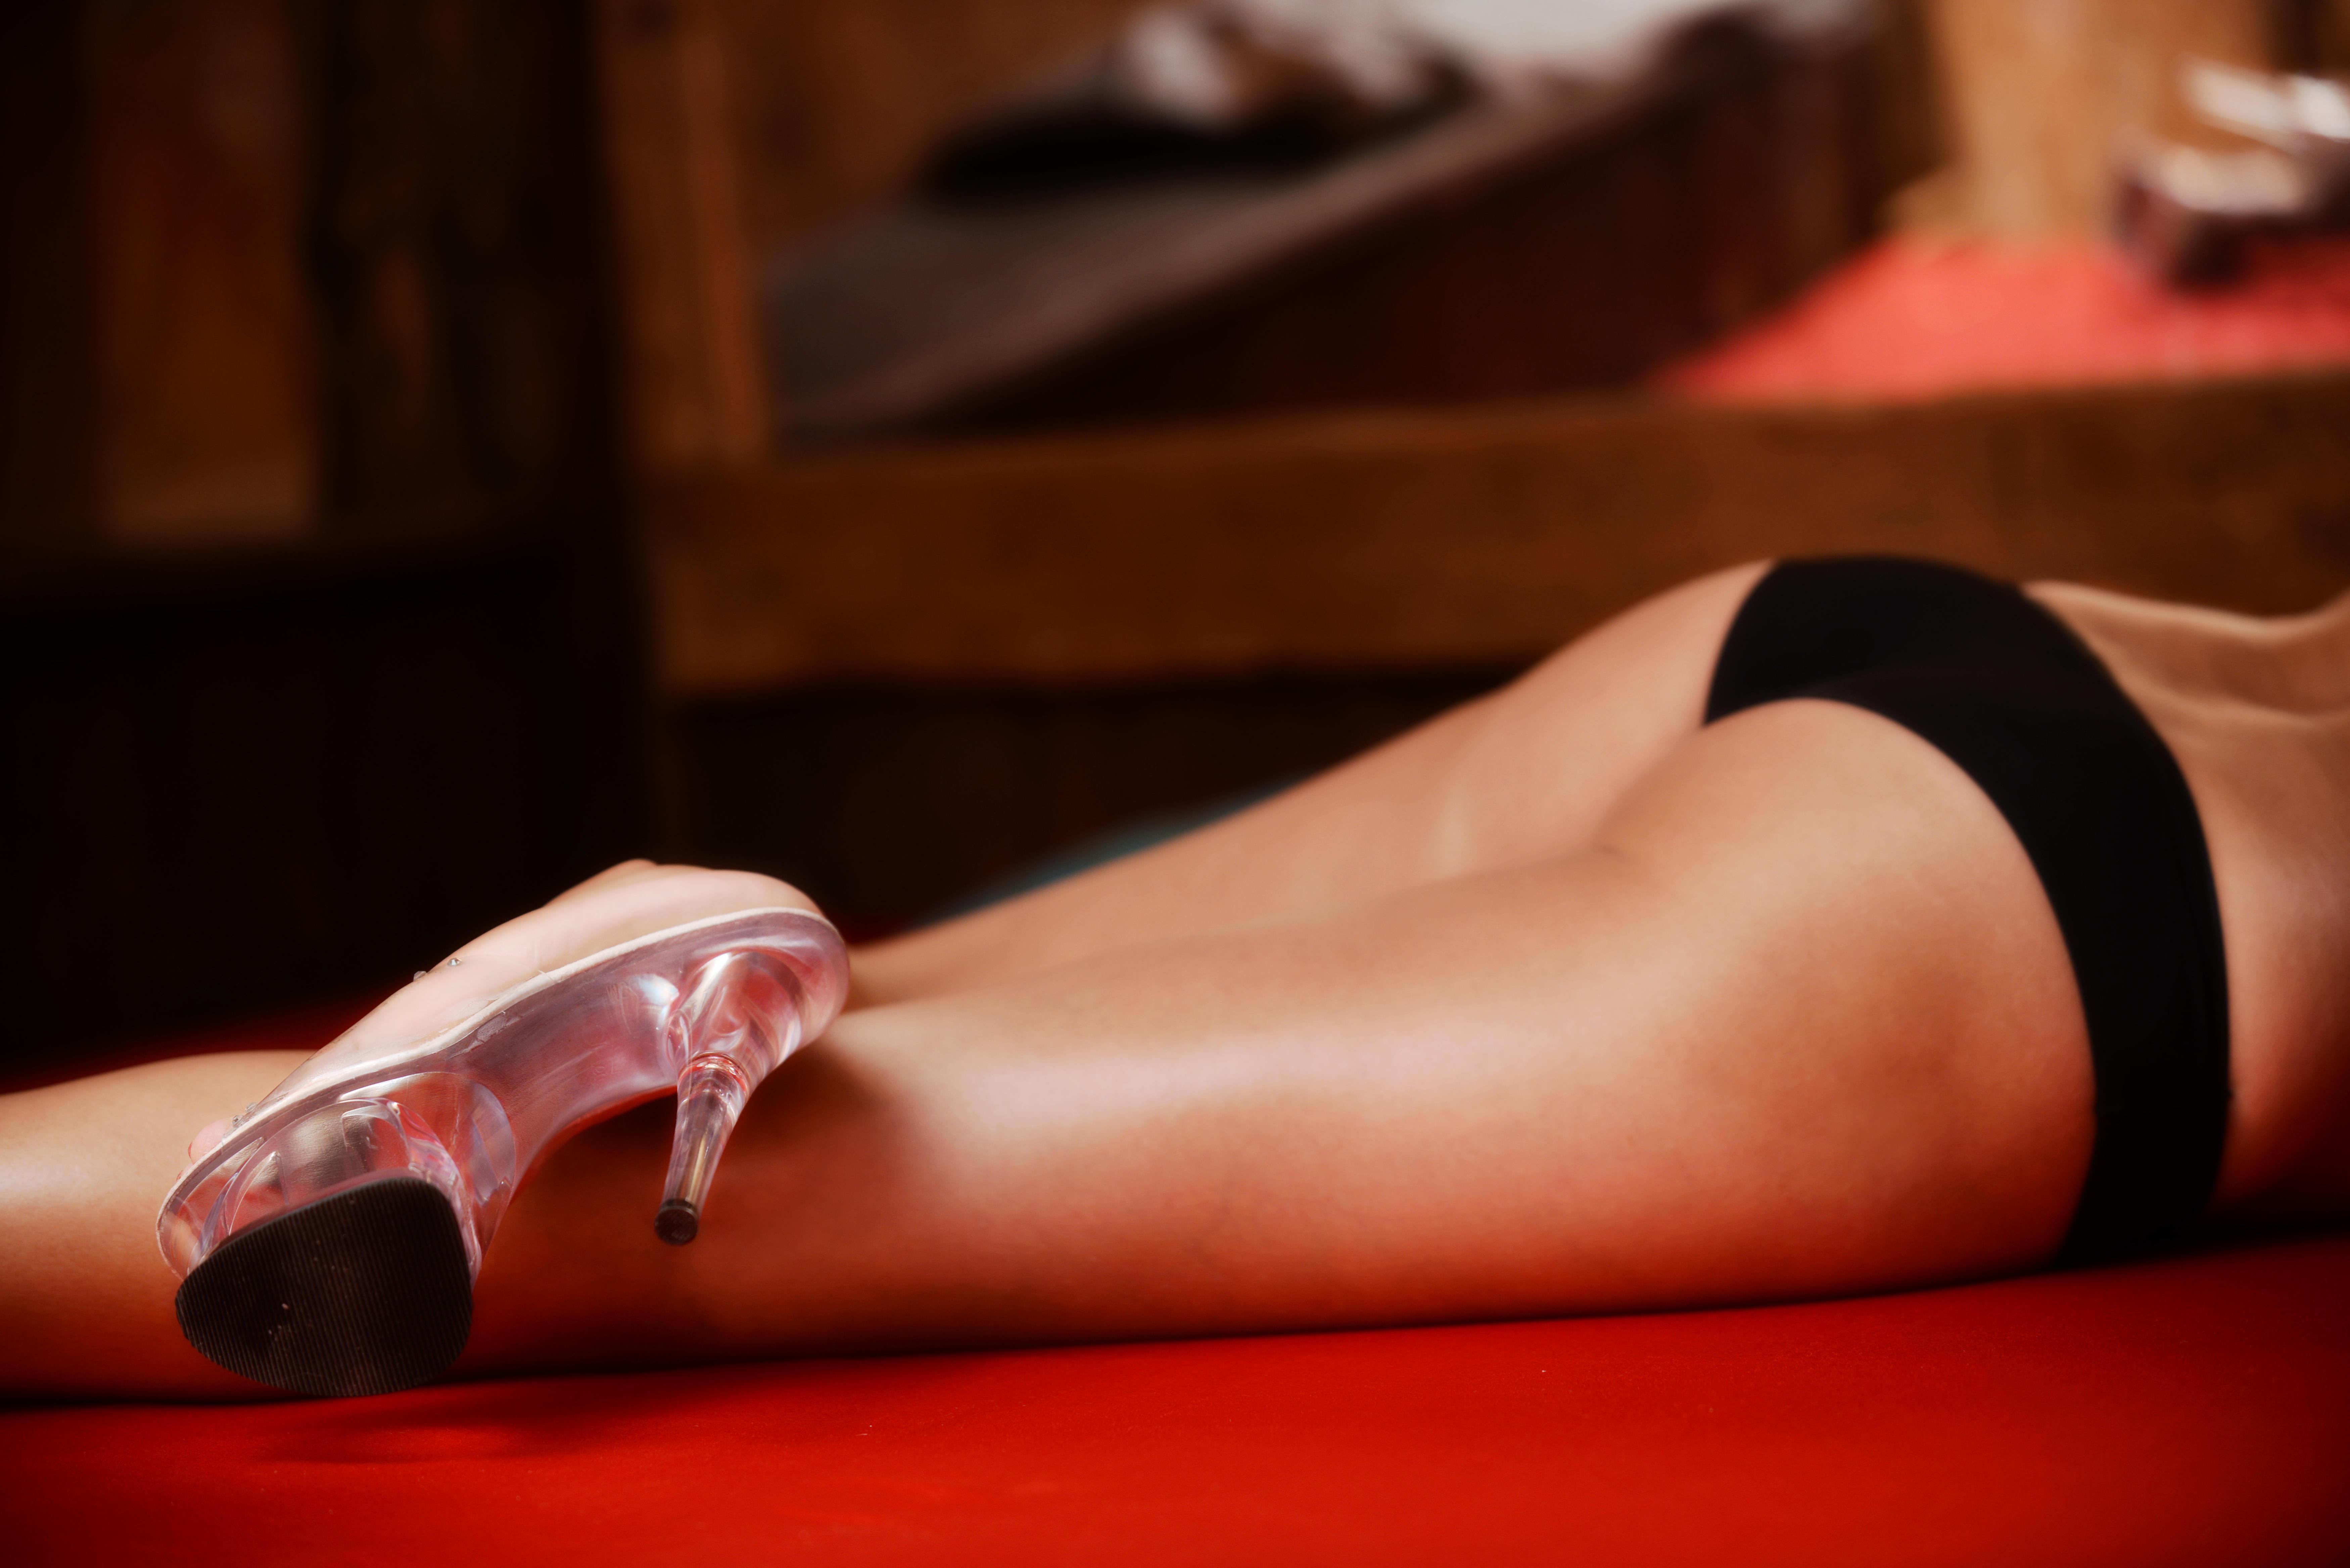 prostituierte anzeigen frau oben stellung